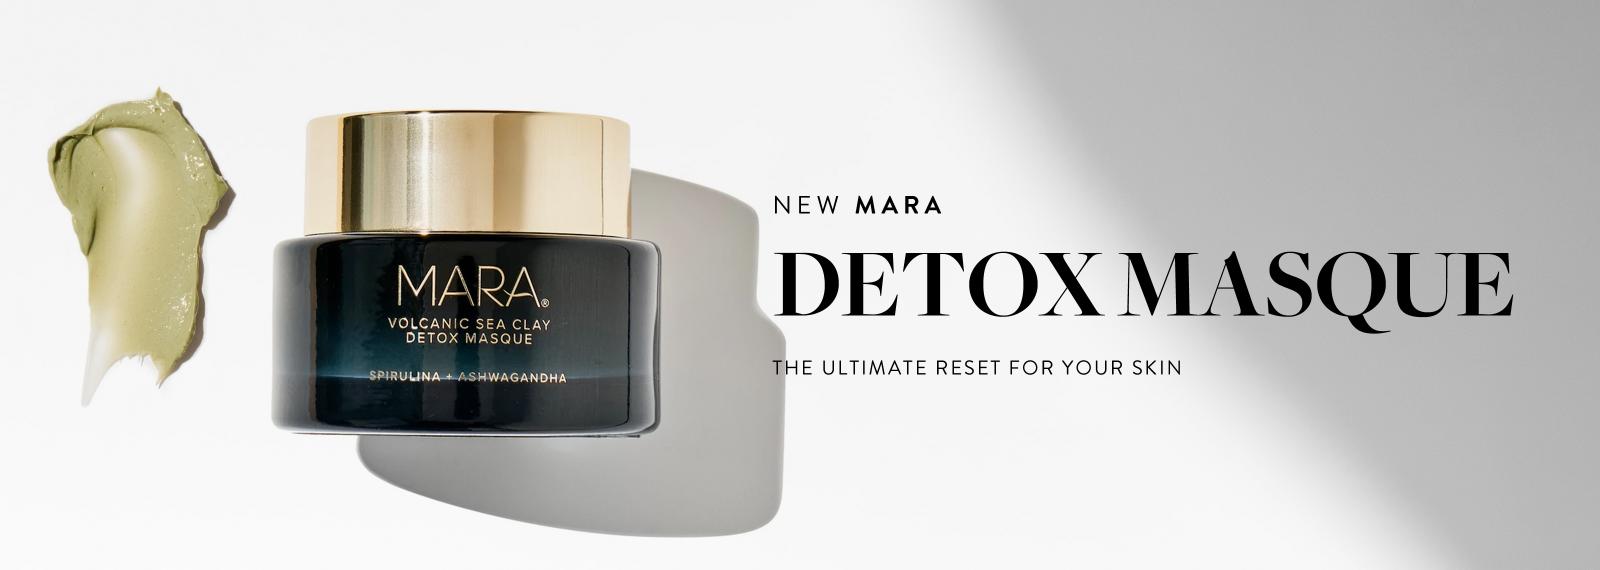 New - MARA - Detox Masque